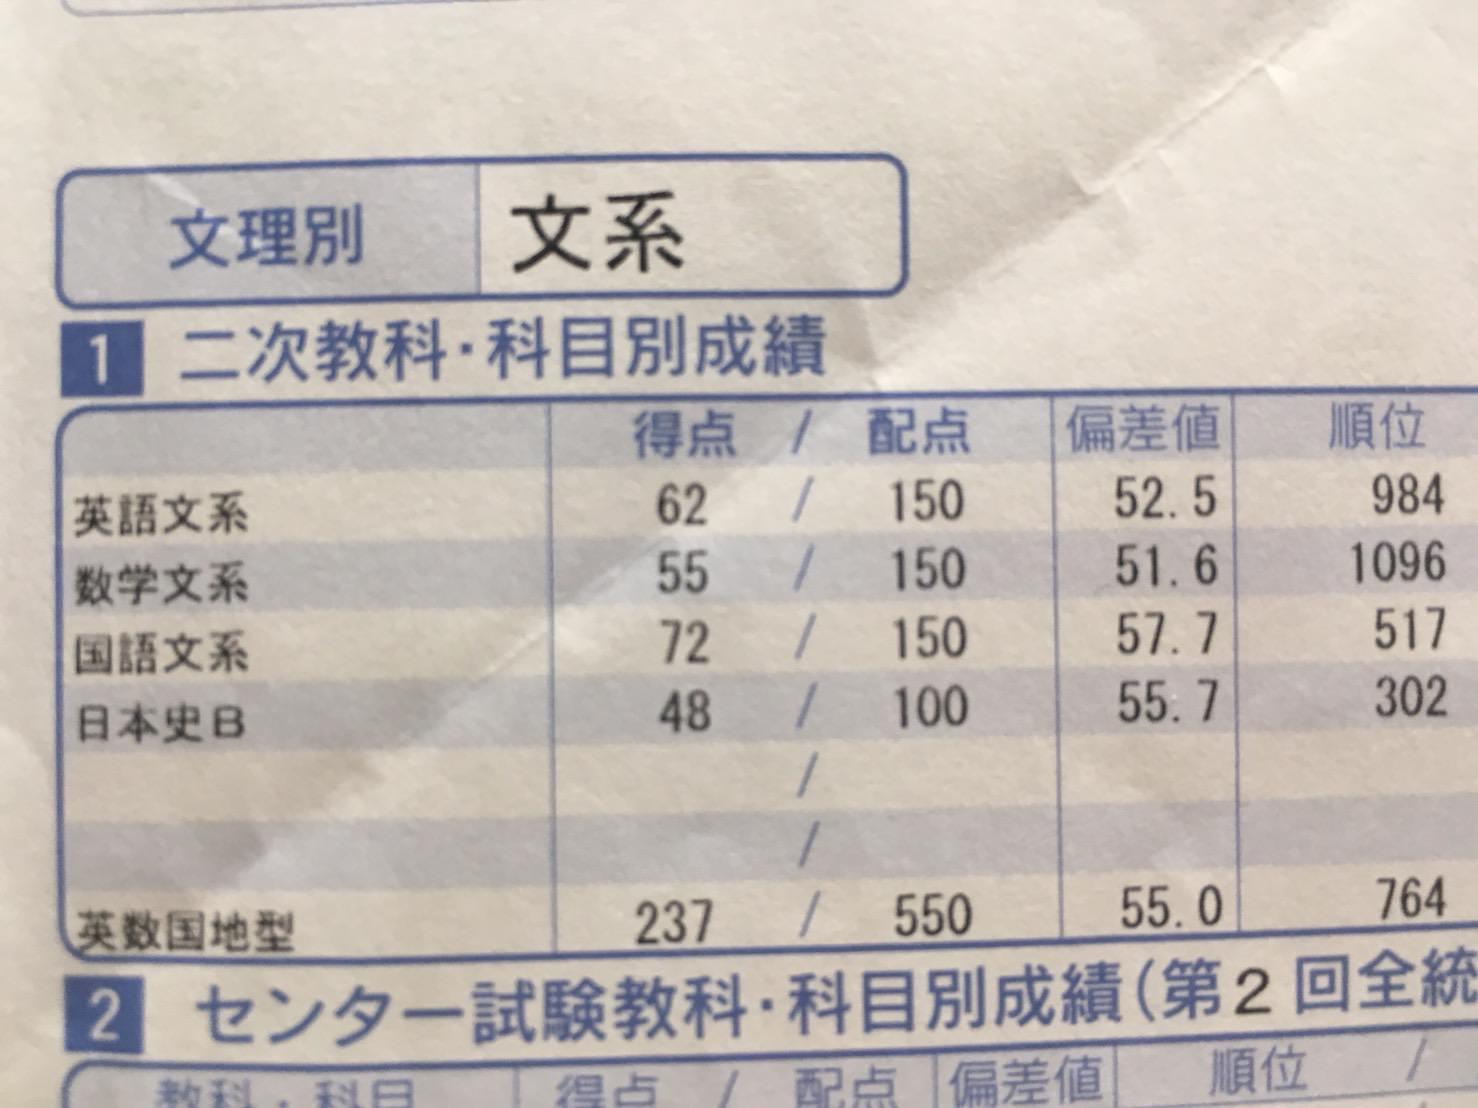 第1回京大オープンの成績